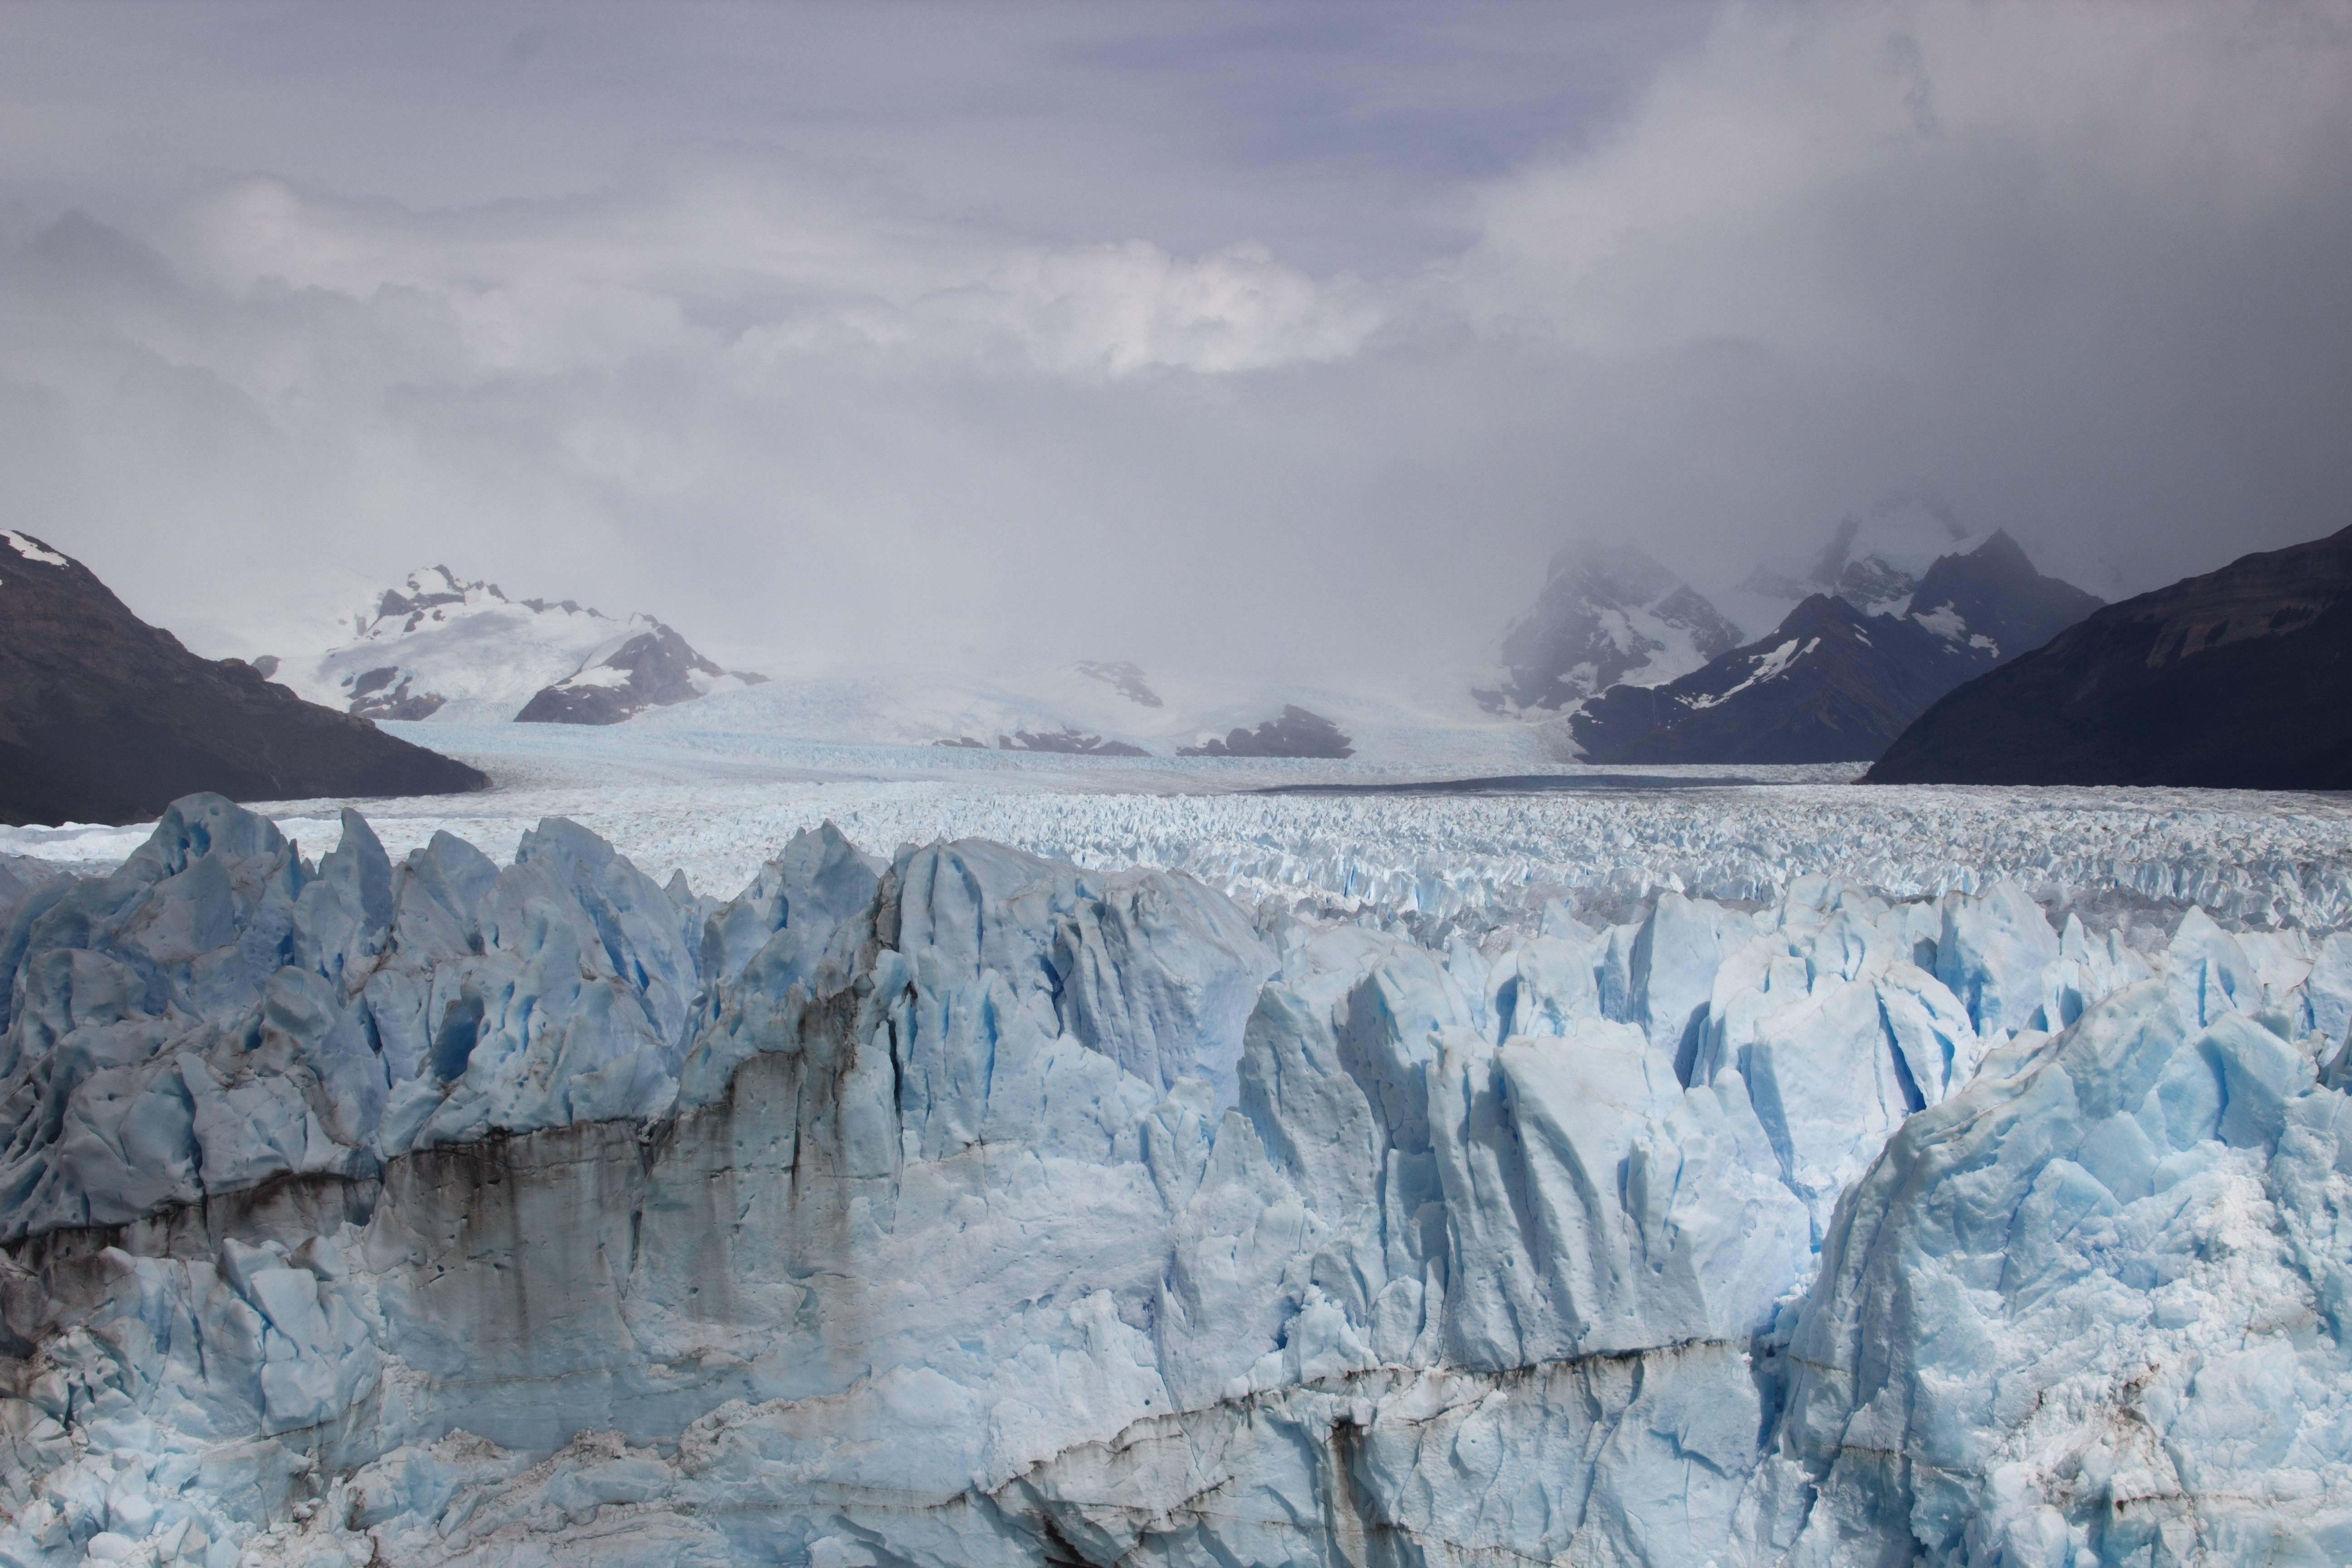 Photo 2: Le Perito Moreno - Un des plus beau glacier